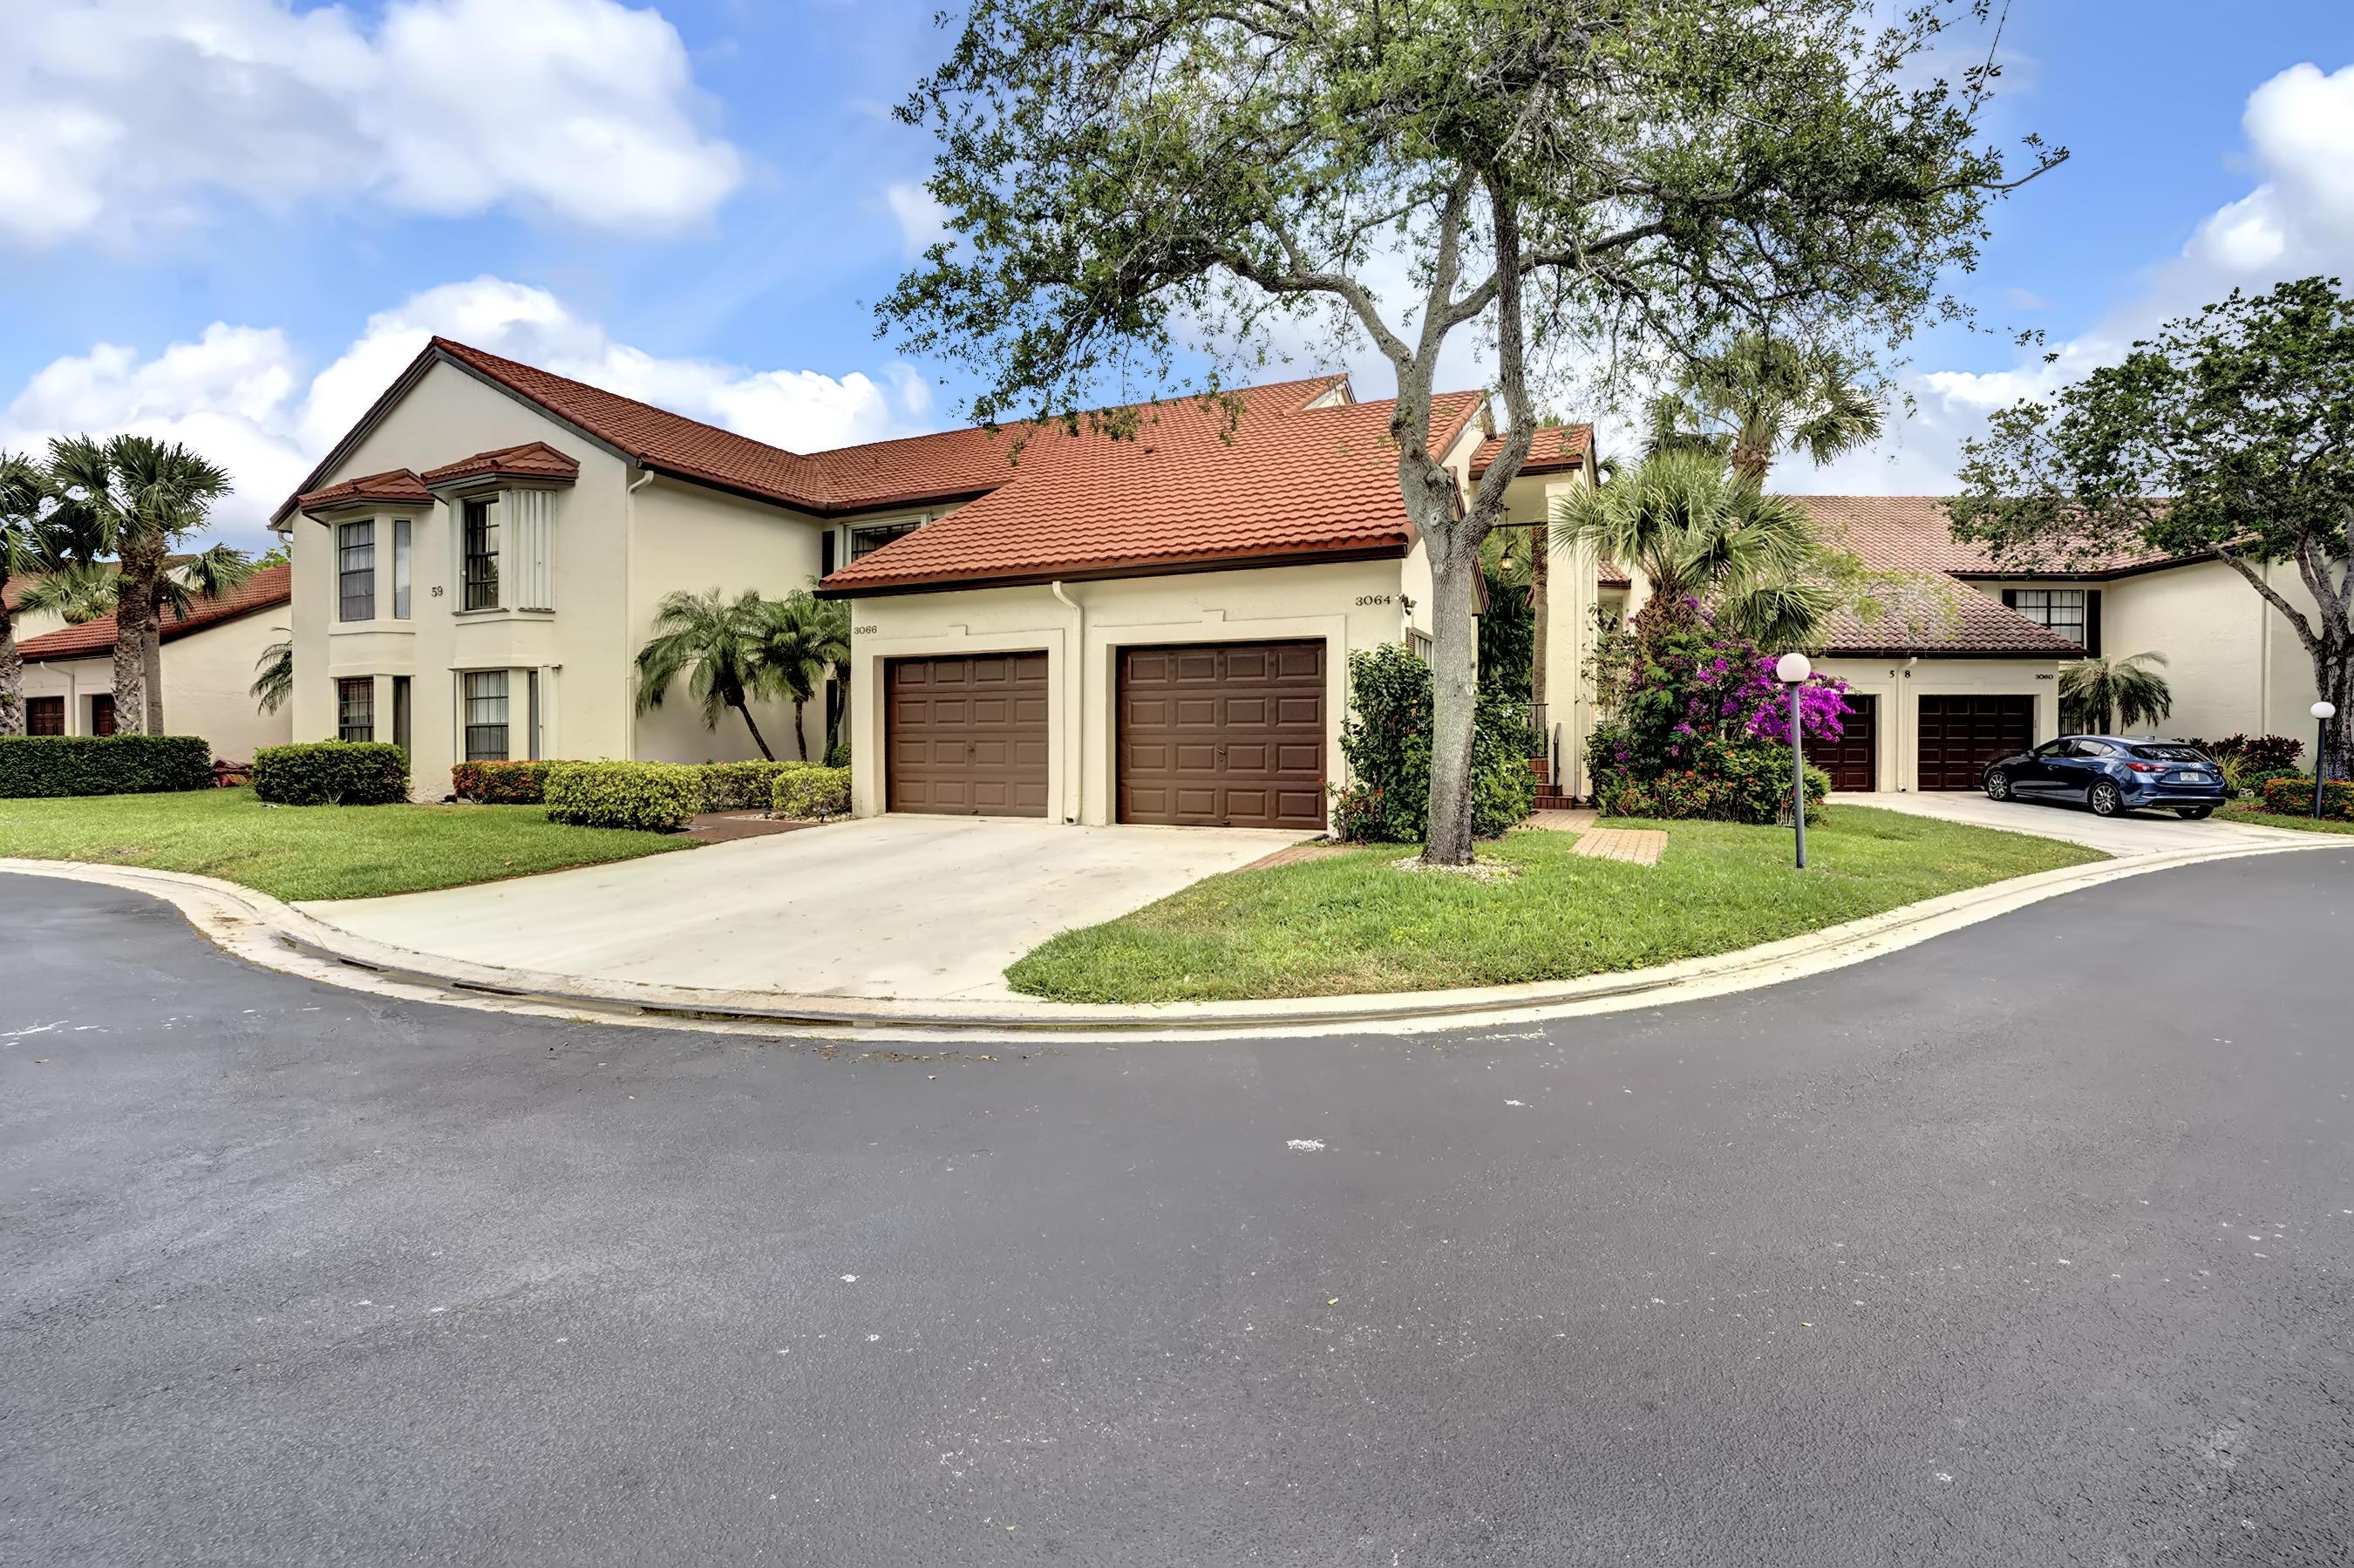 3064 Lucerne Park, Greenacres, Florida 33467